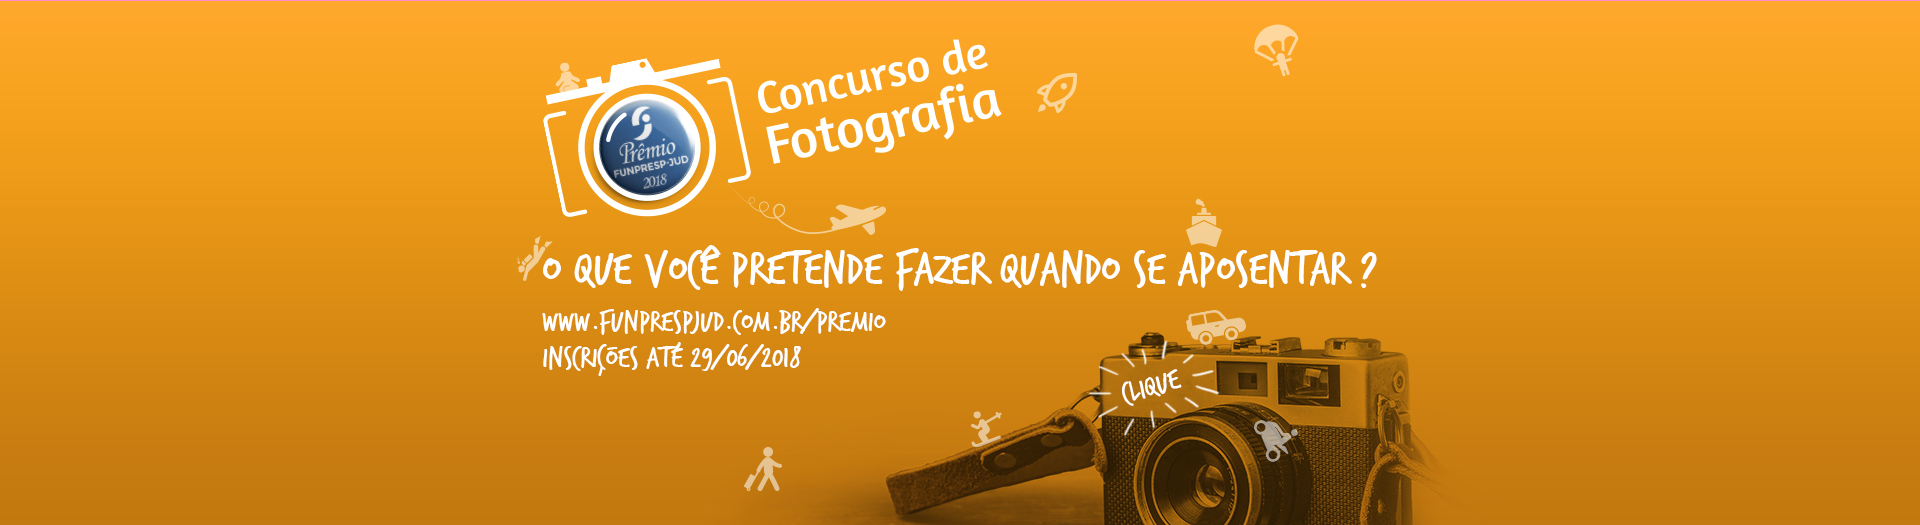 concurso-de-fotografia_site_home